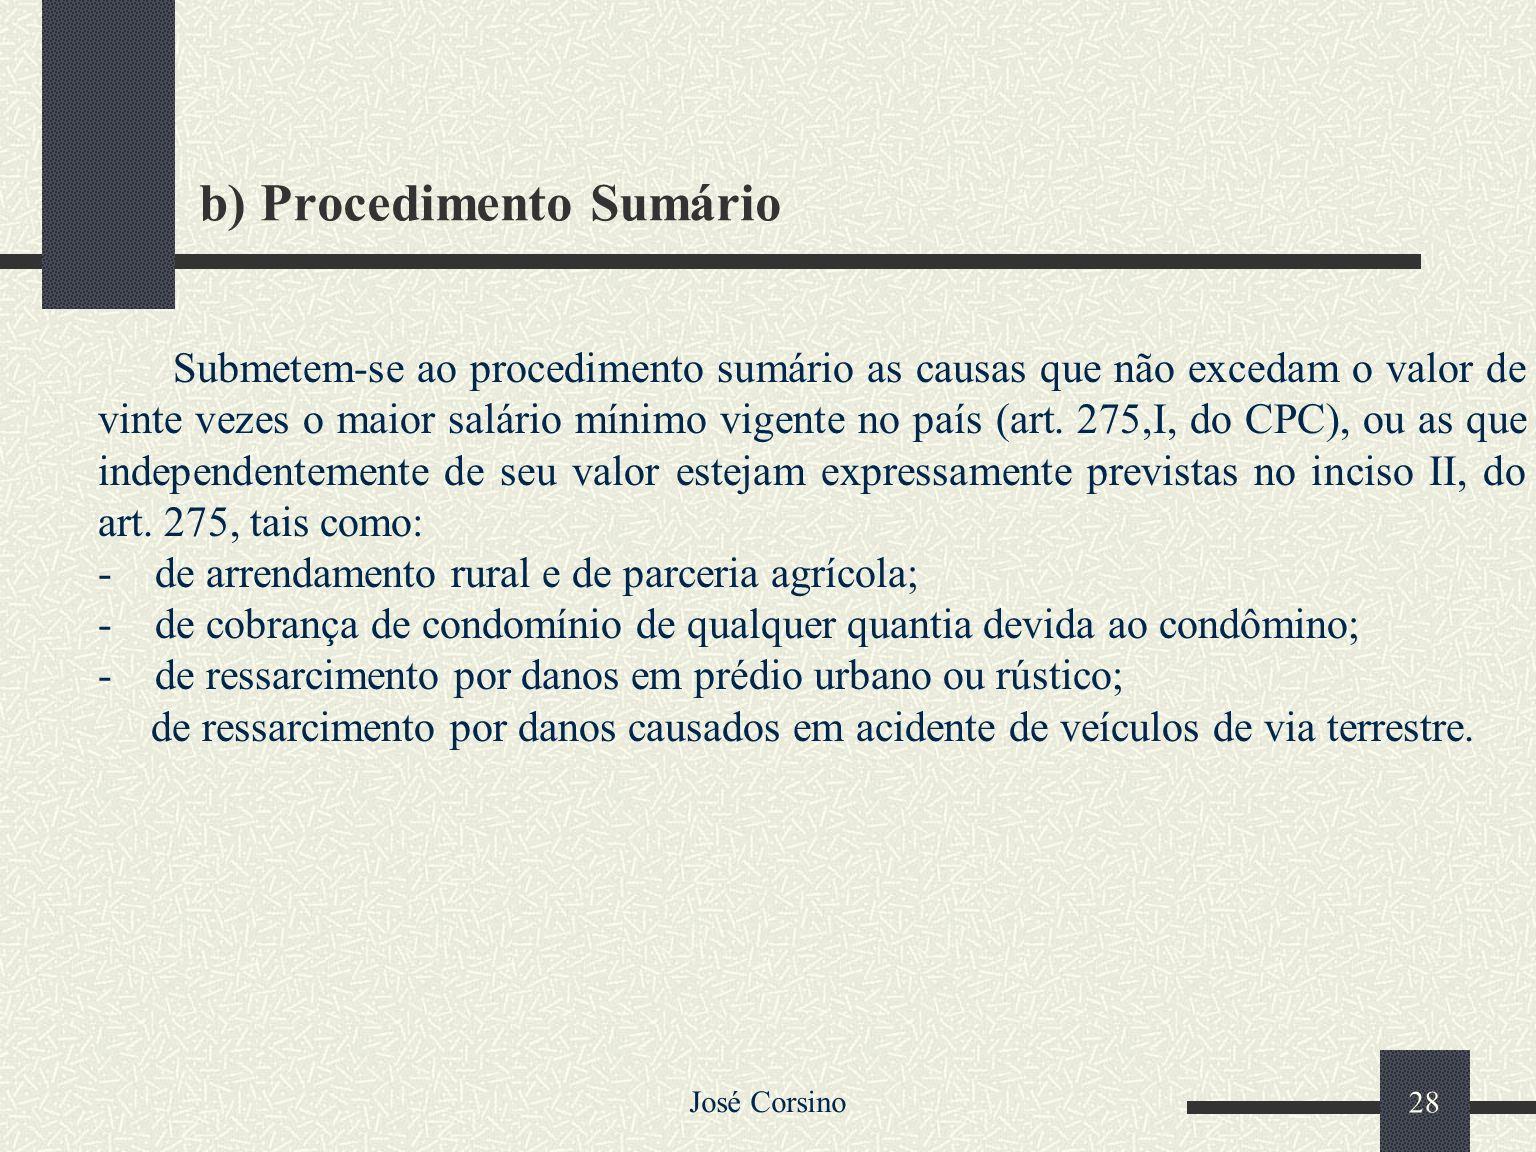 b) Procedimento Sumário